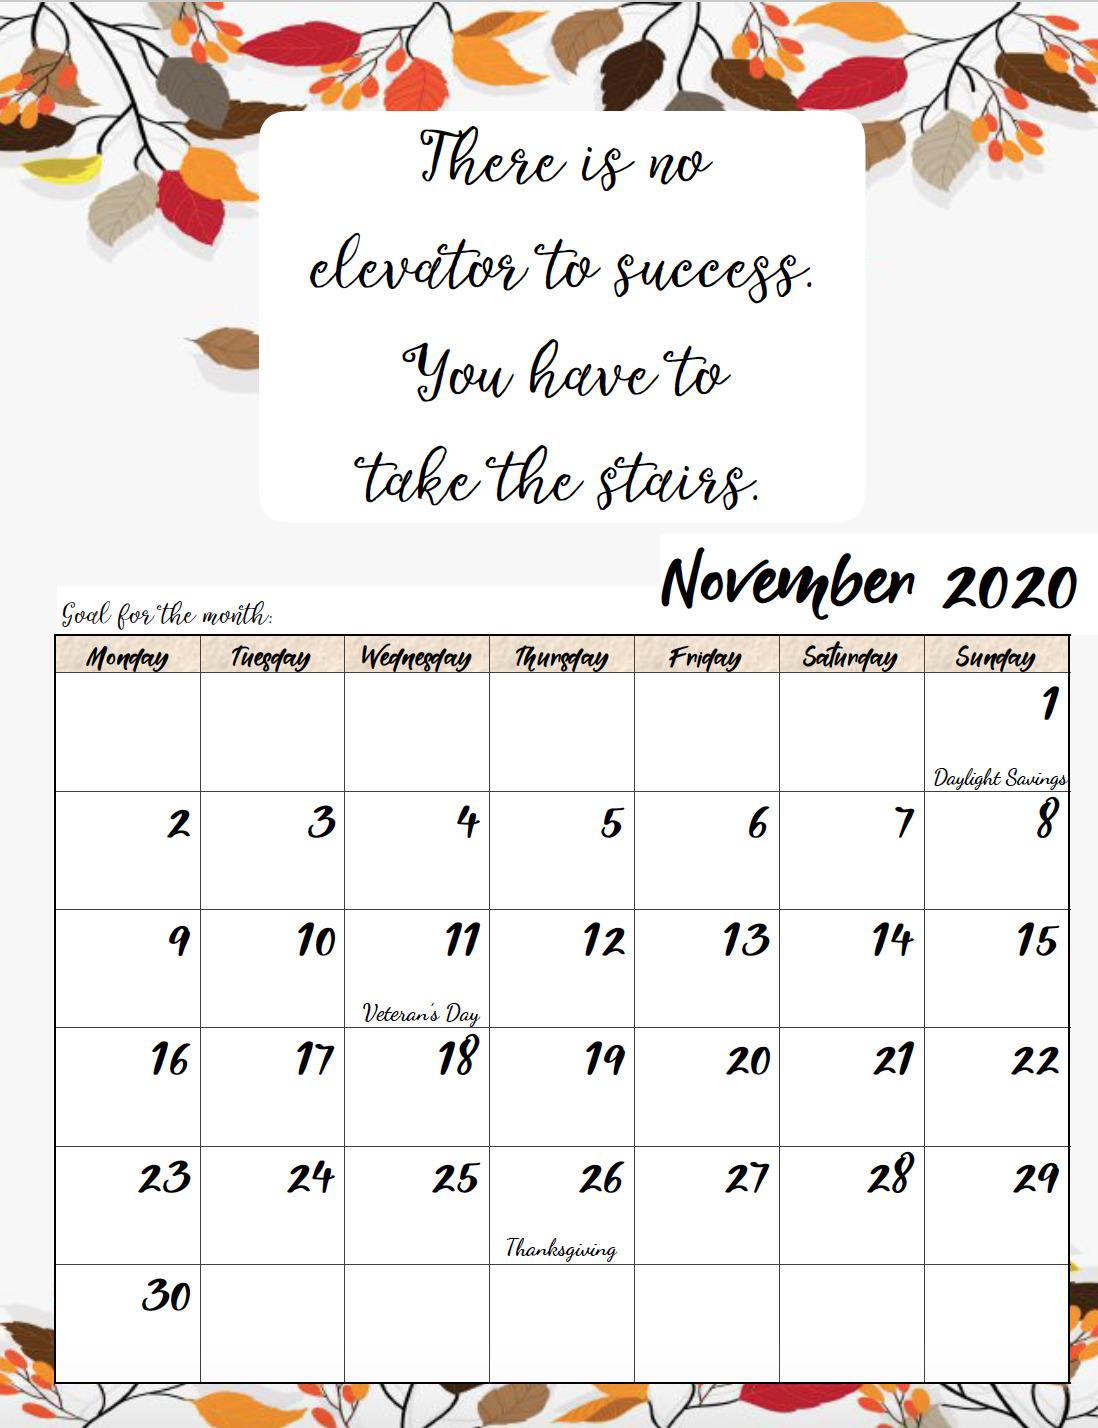 11 November 2020